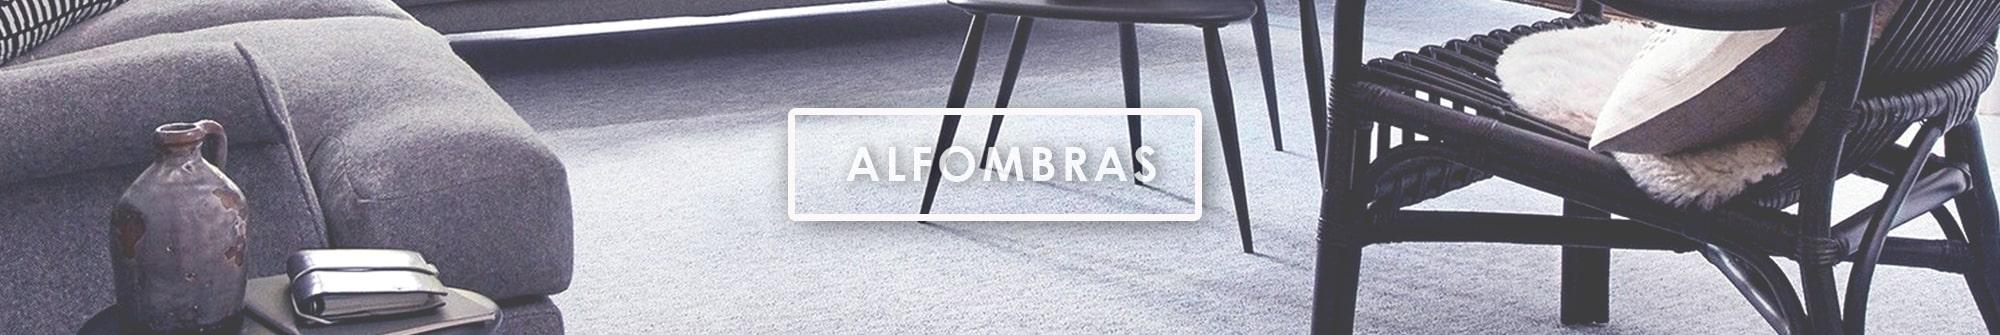 header-alfombras3-min